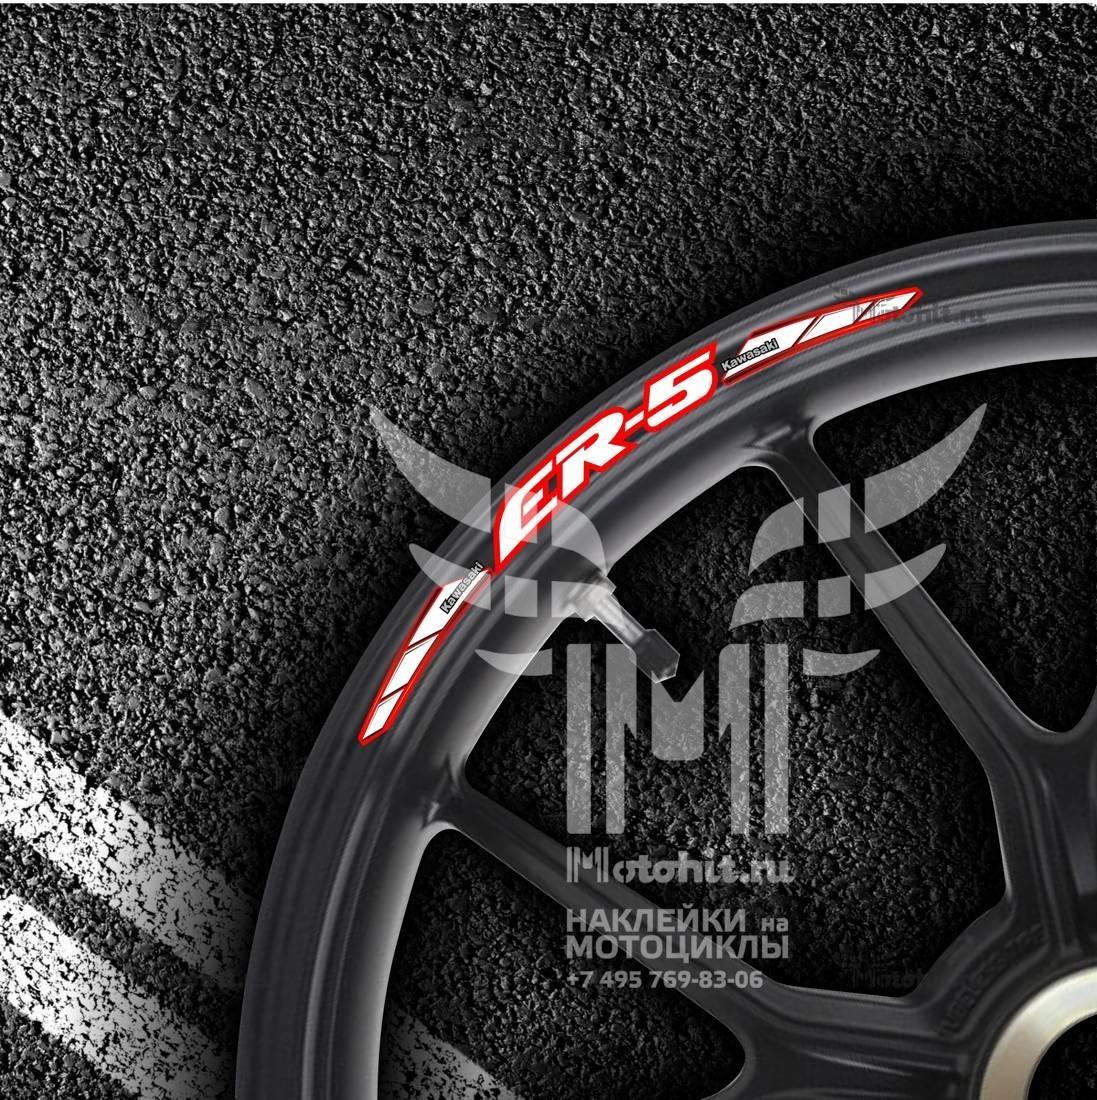 Комплект наклеек на обод колеса мотоцикла KAWASAKI ER-5